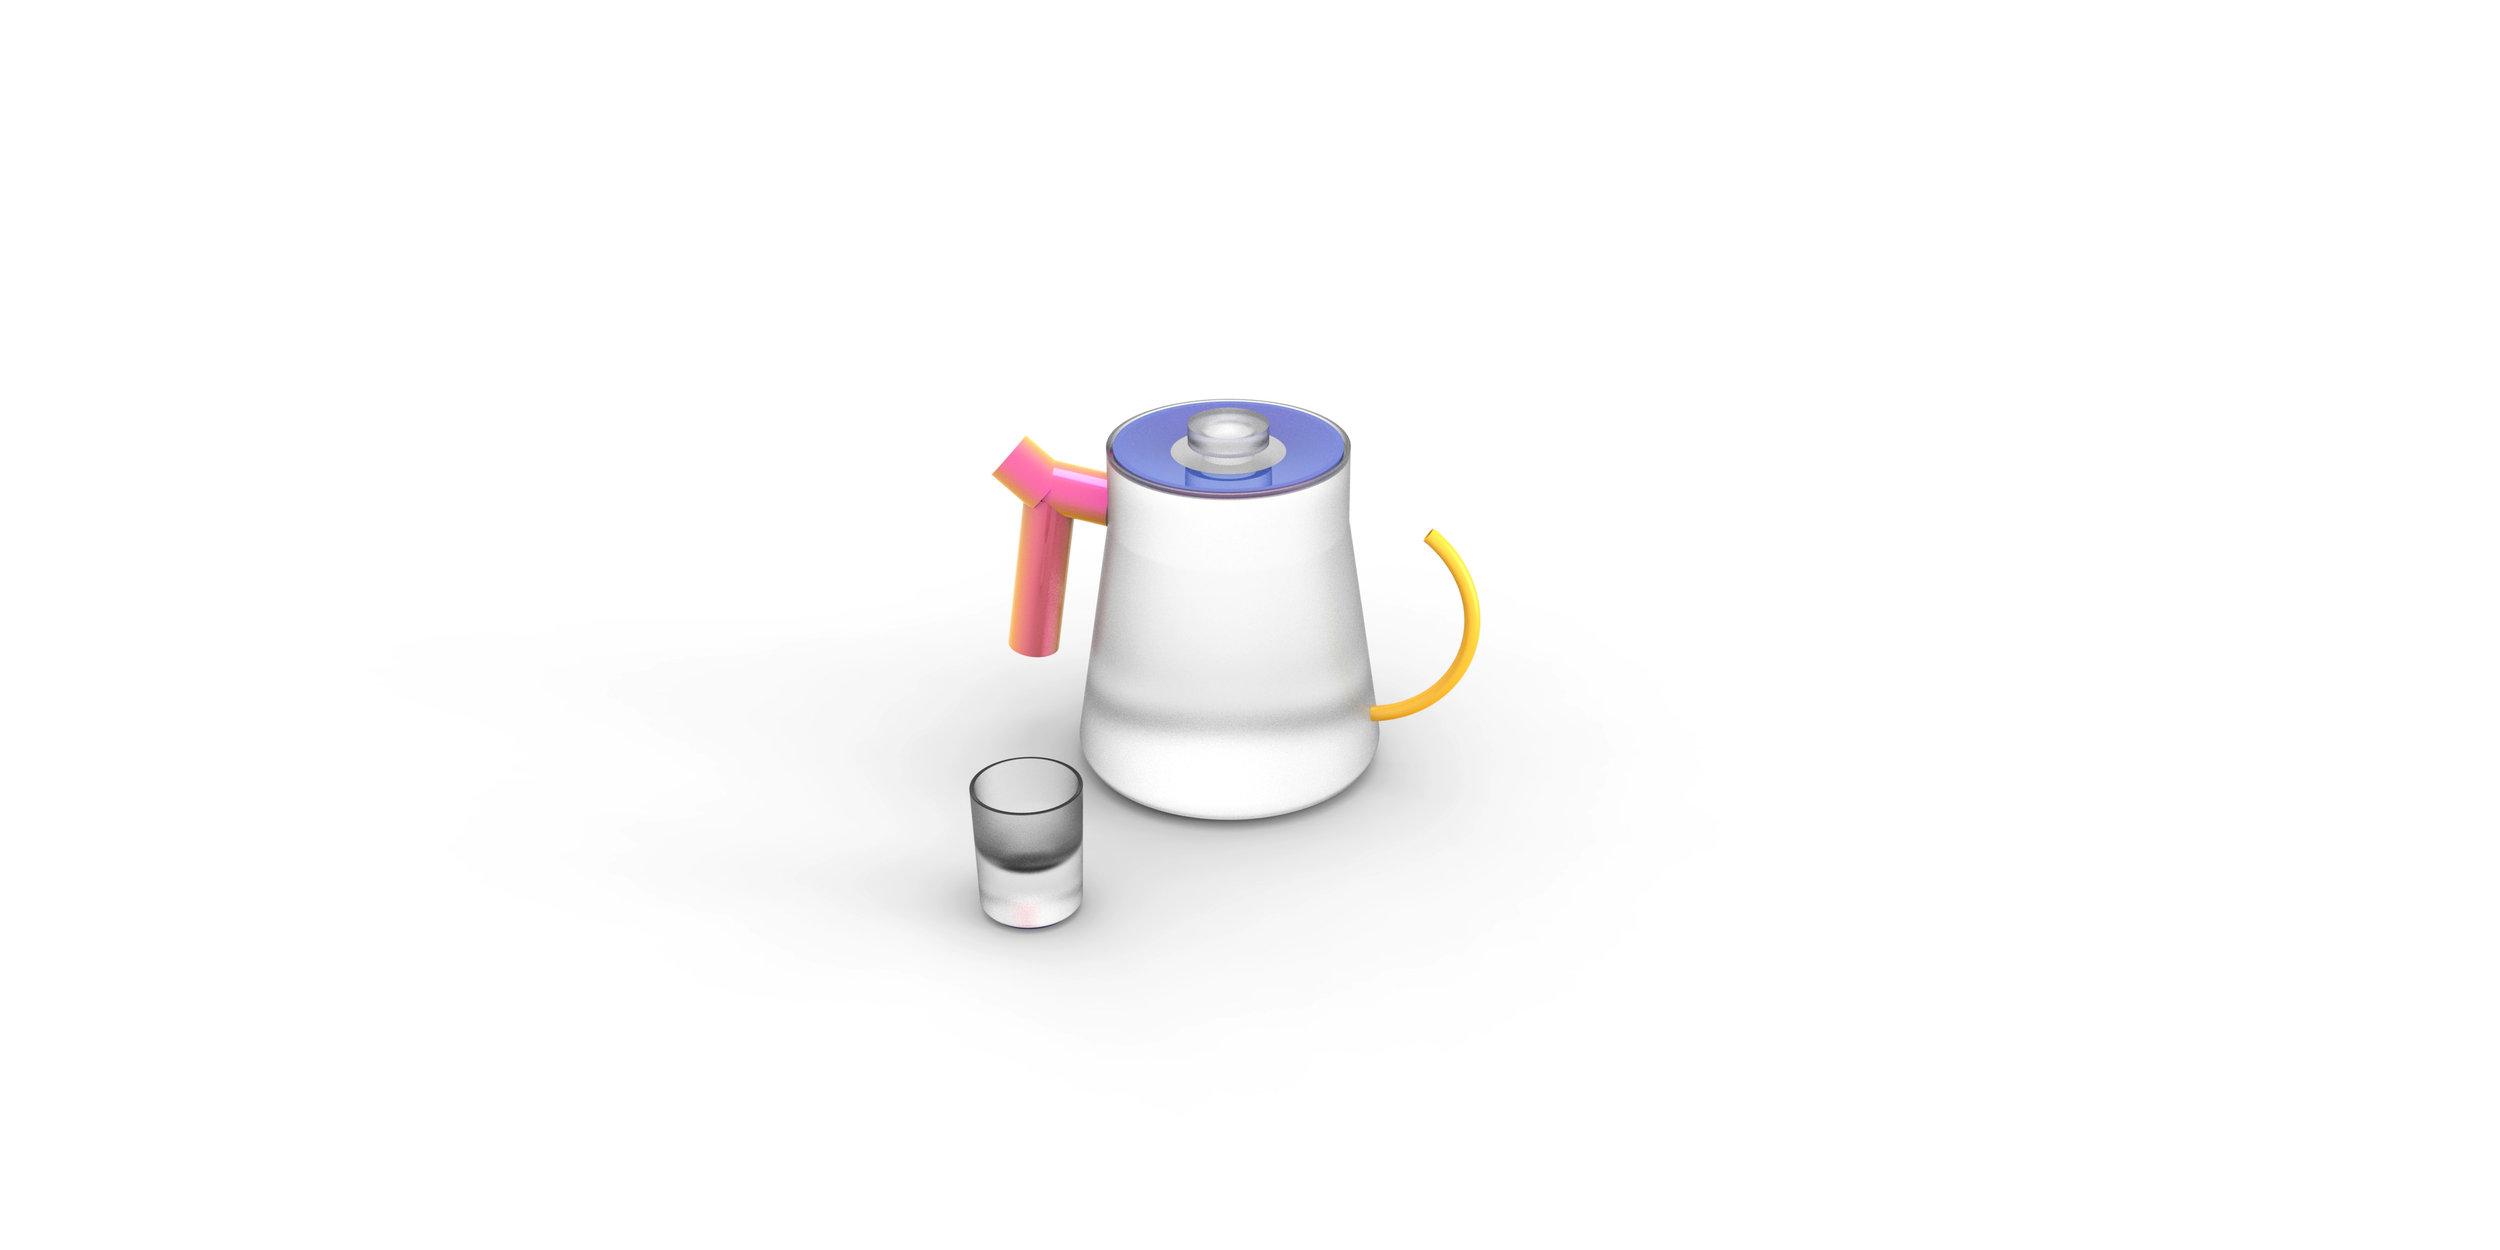 unusable kettle alt color.jpg